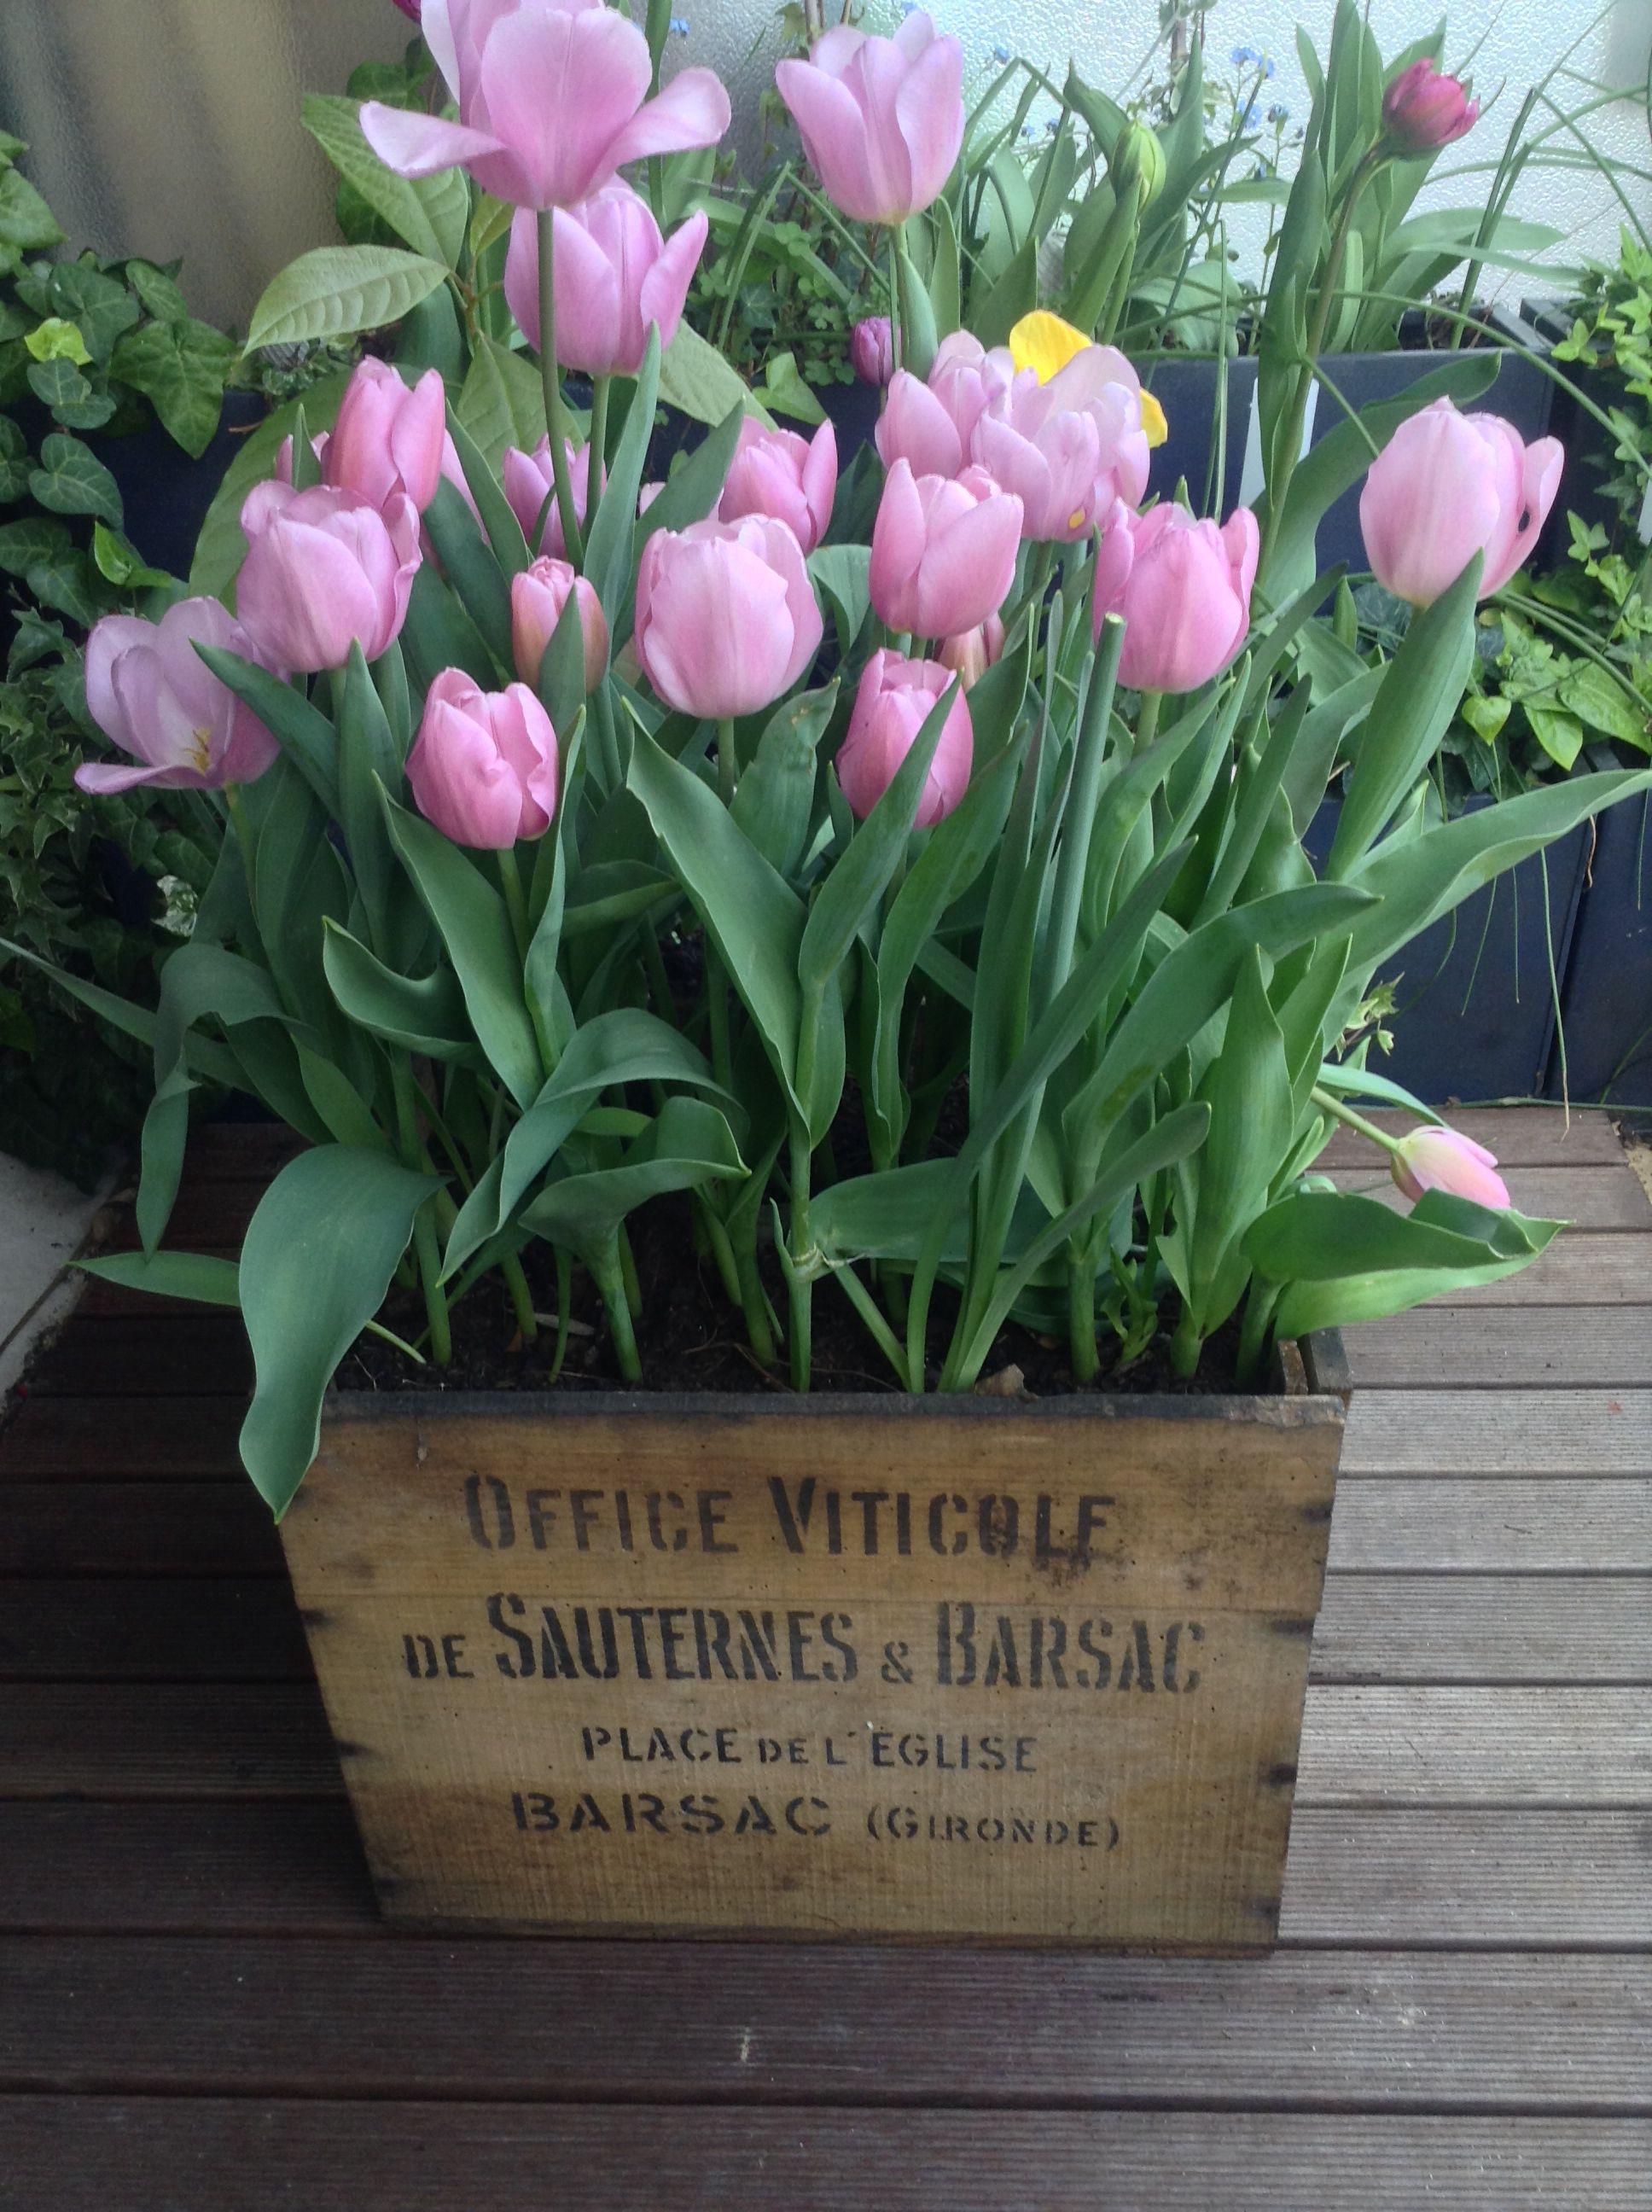 De belles tulipes dans une vieille caisse de vin. Idéal